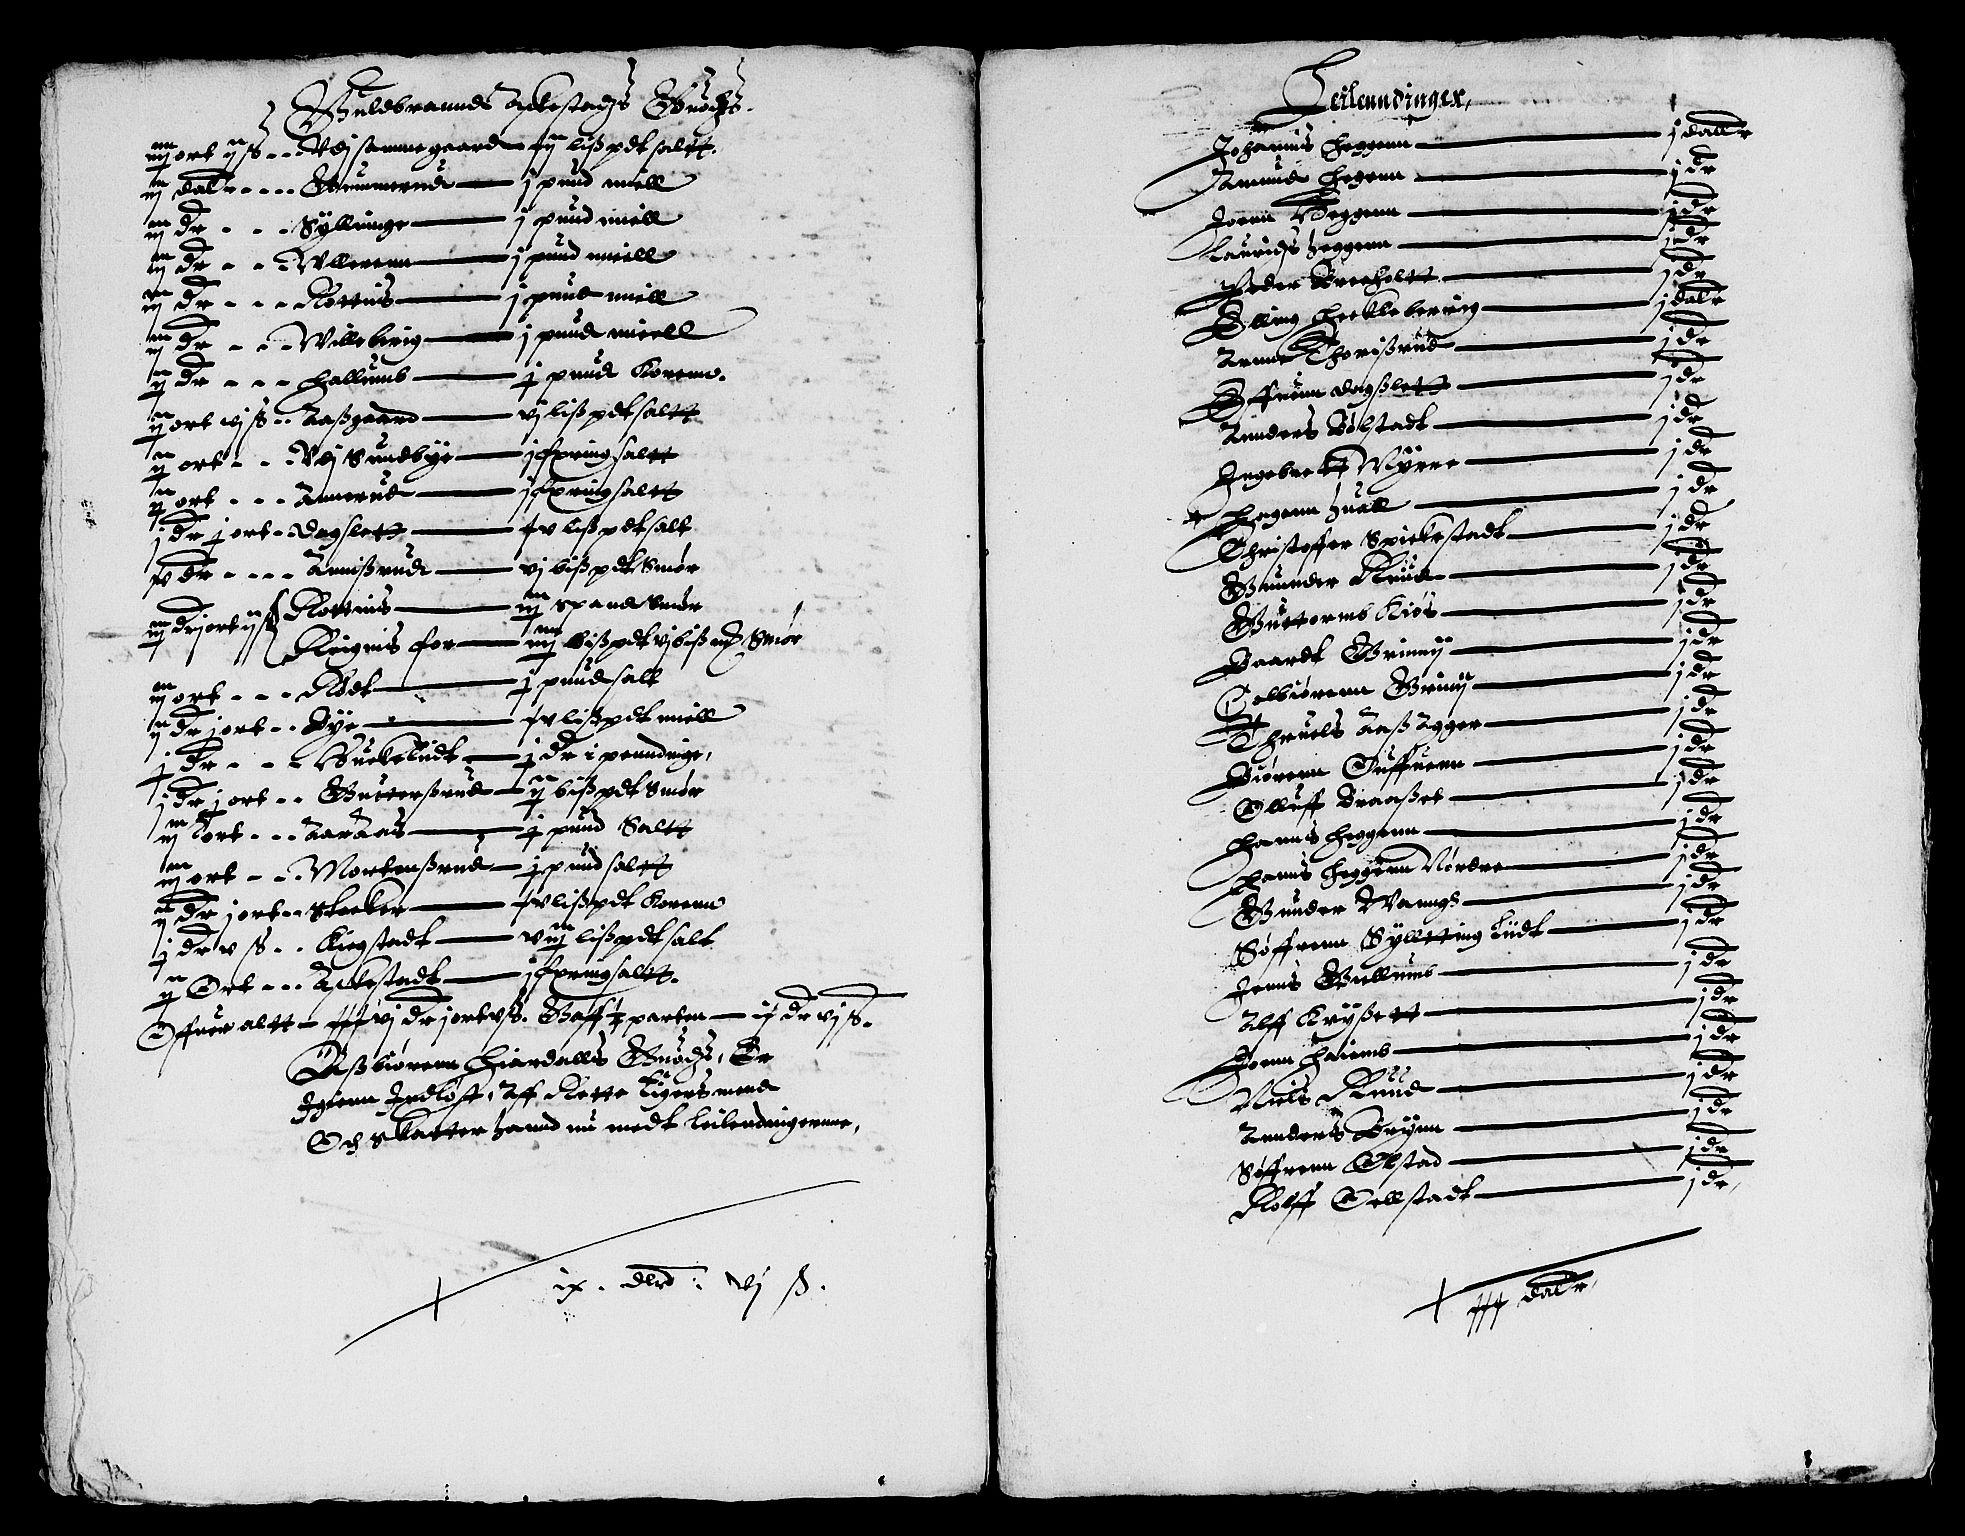 RA, Rentekammeret inntil 1814, Reviderte regnskaper, Lensregnskaper, R/Rb/Rba/L0048: Akershus len, 1618-1619, s. upaginert